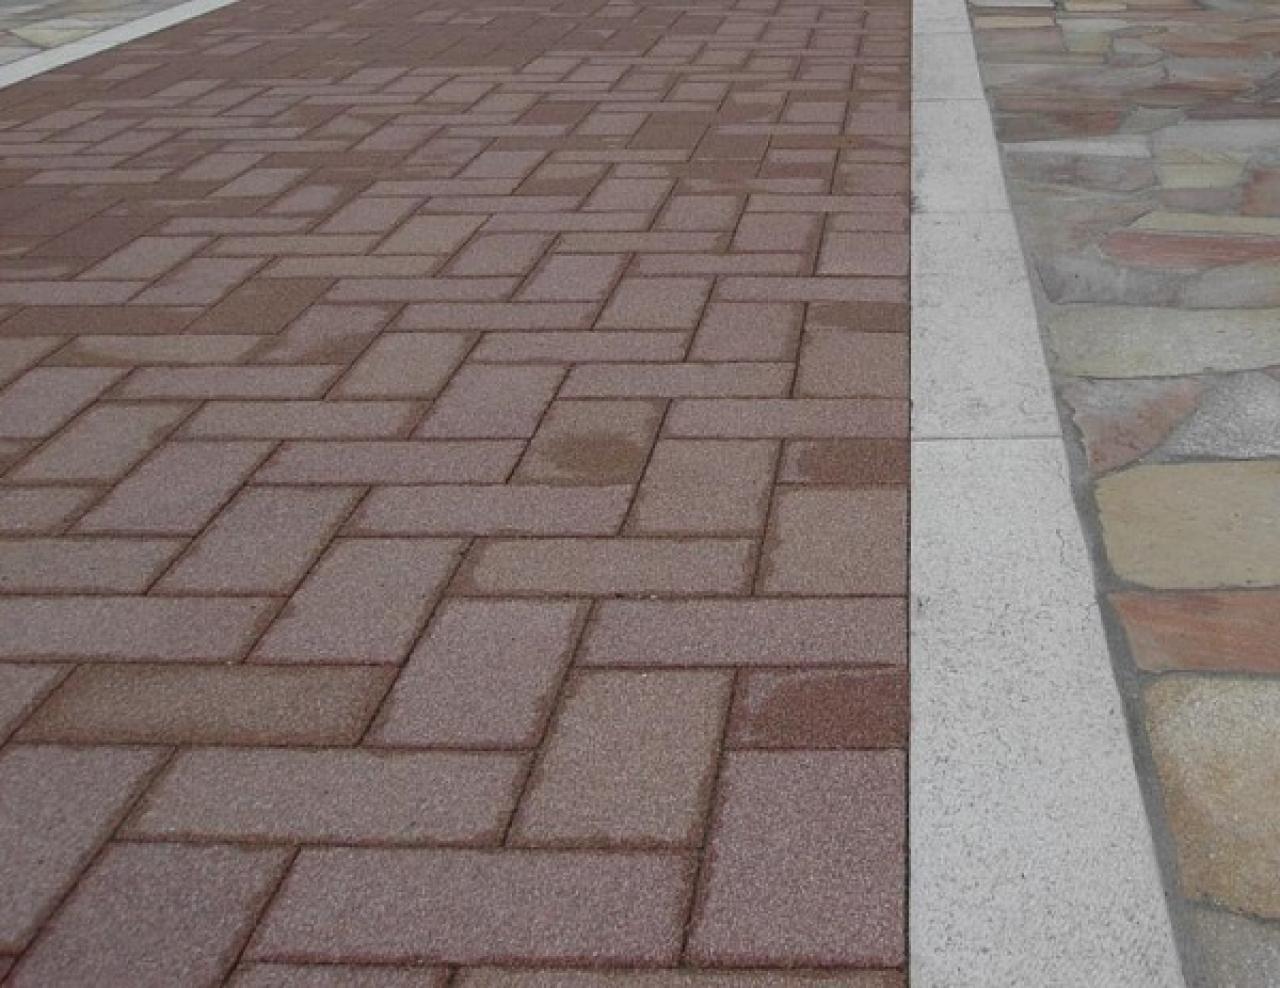 Pavimento In Cemento Prezzi betonella o autobloccanti in cemento per pavimenti esterni